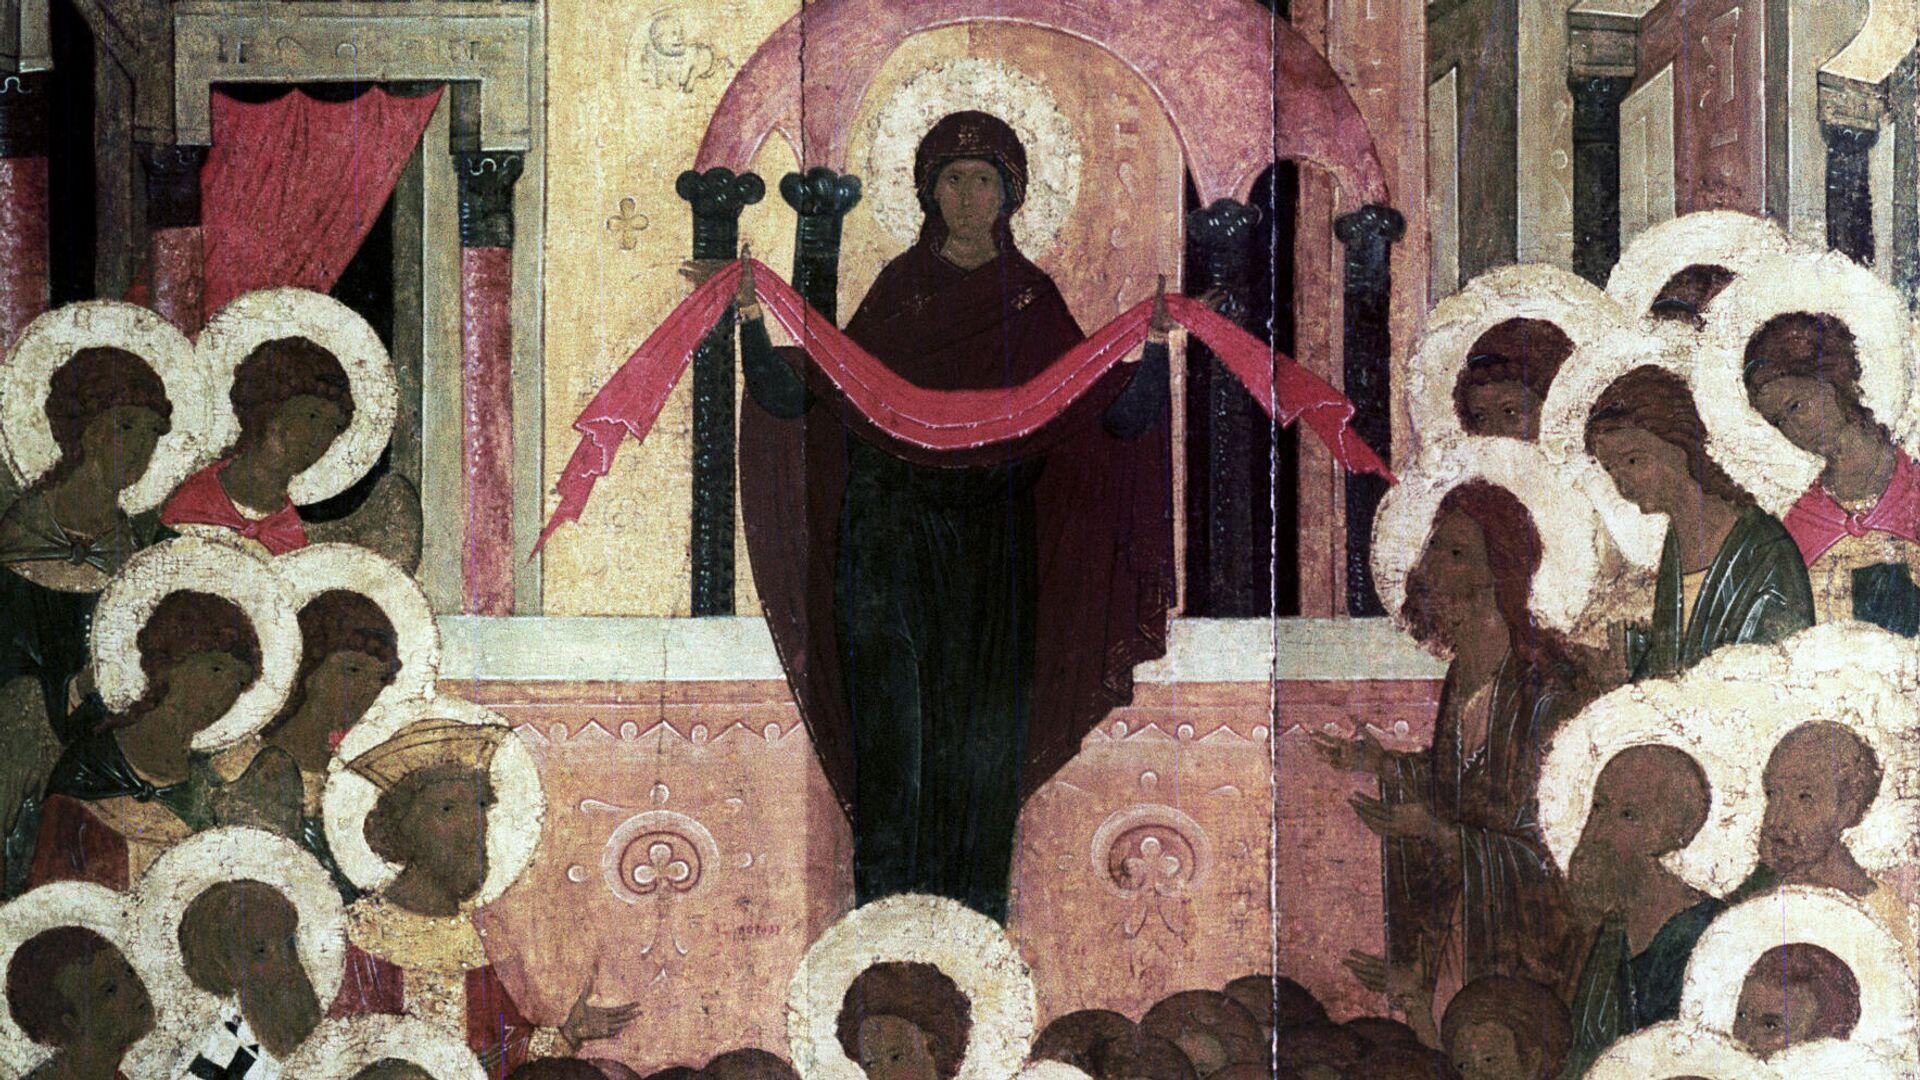 Икона Покров Пресвятой Богородицы  - РИА Новости, 1920, 14.10.2021